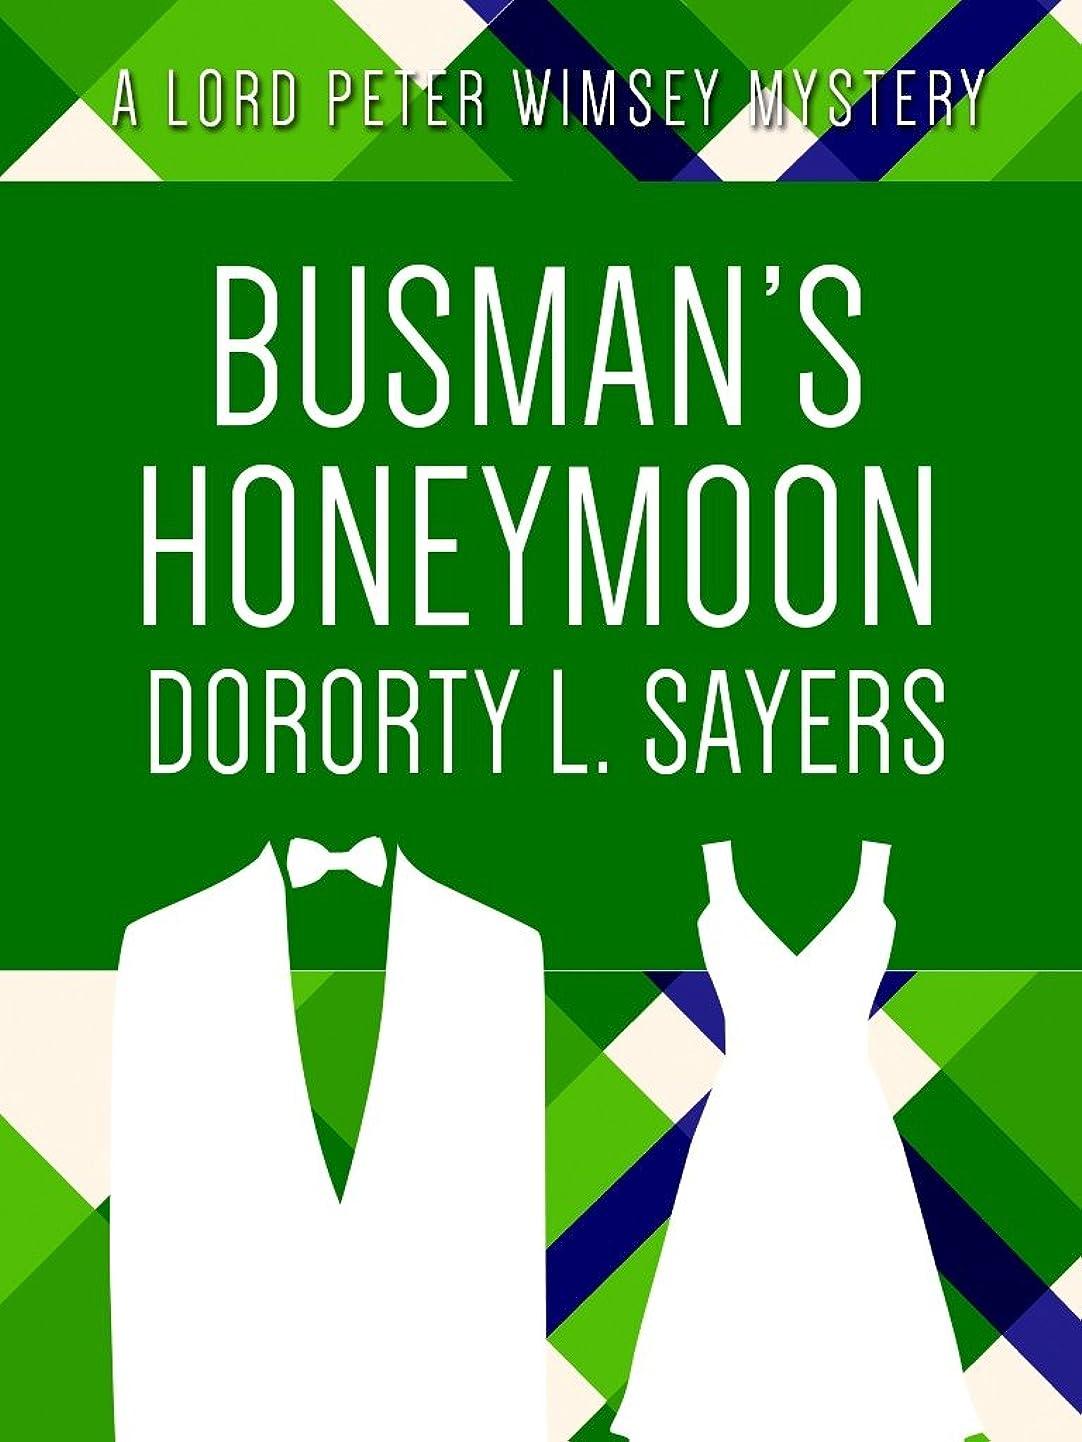 取り除く証人不一致Busman's Honeymoon (Lord Peter Wimsey series Book 13) (English Edition)